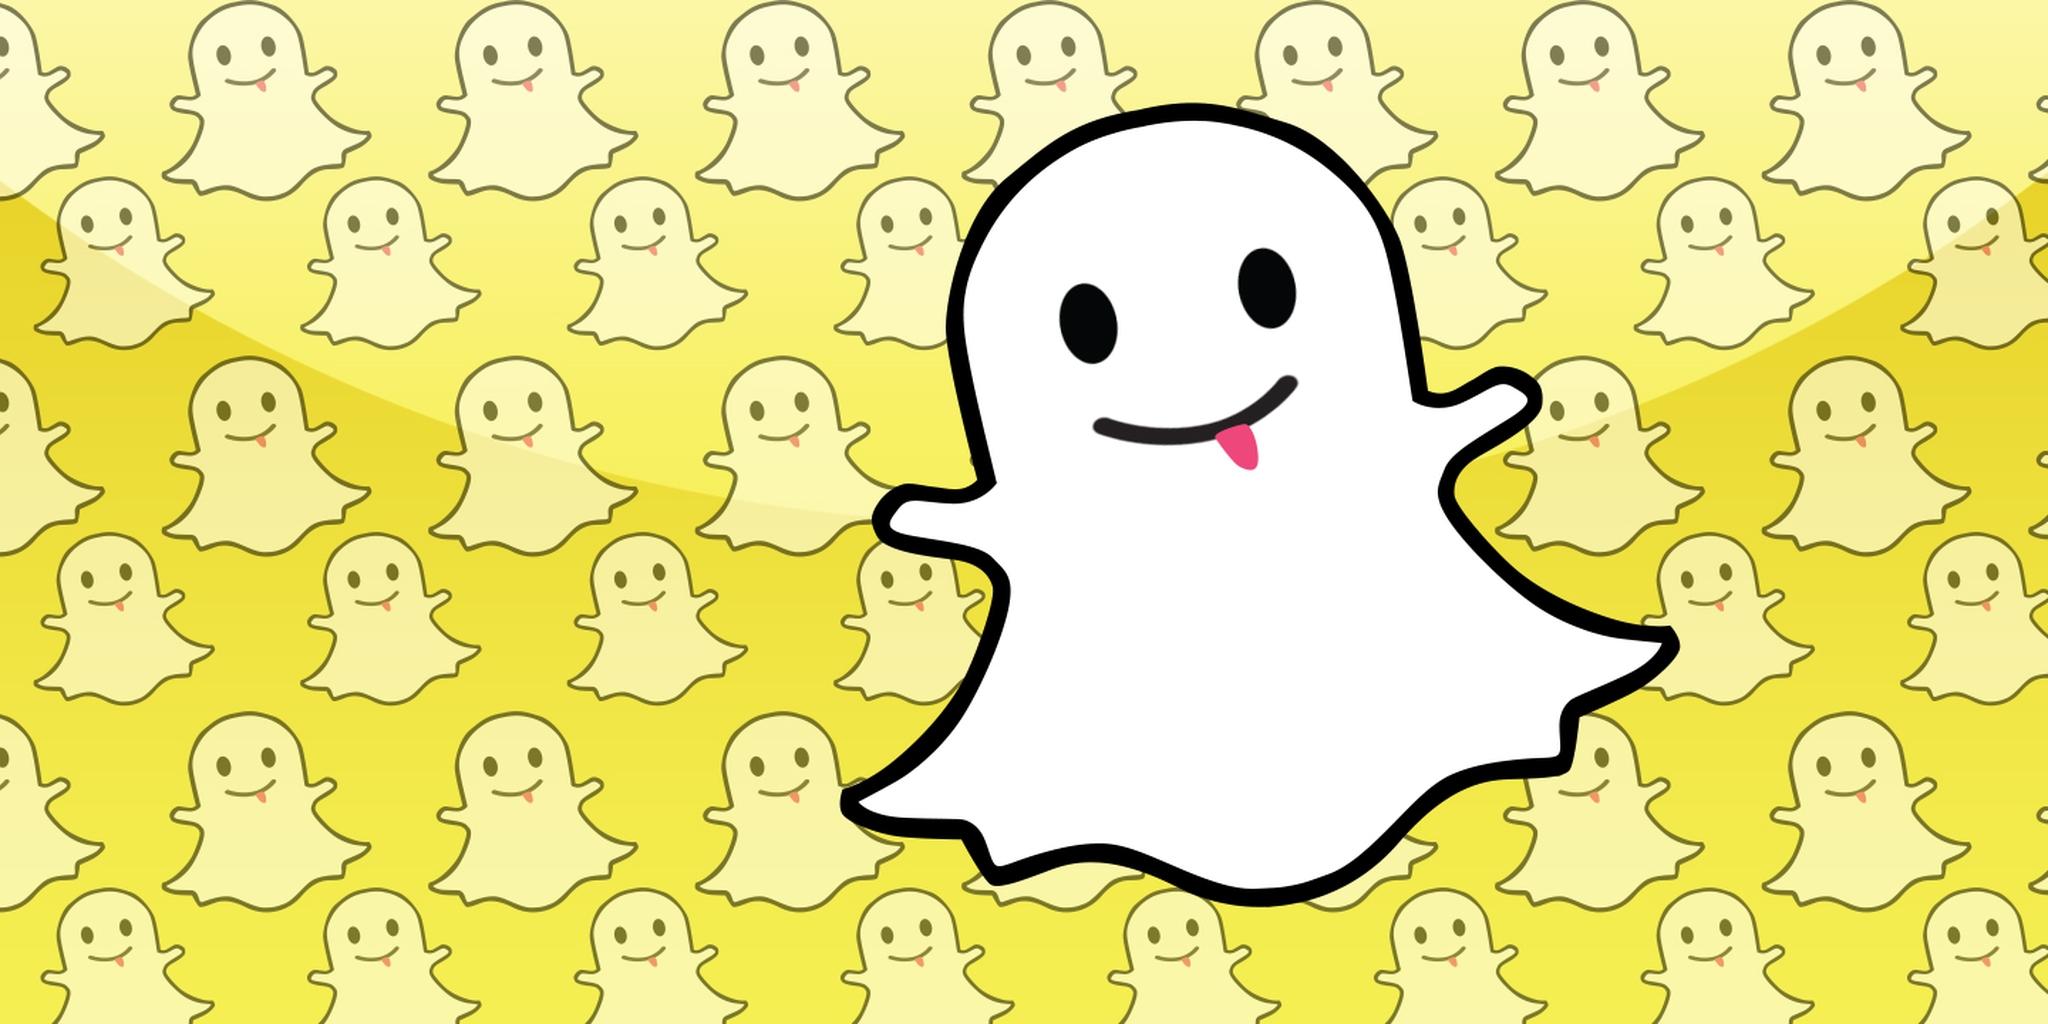 نصائح مفيدة لأستخدام التطبيق الشهير SnapChat بشكل أكثر أحترافية